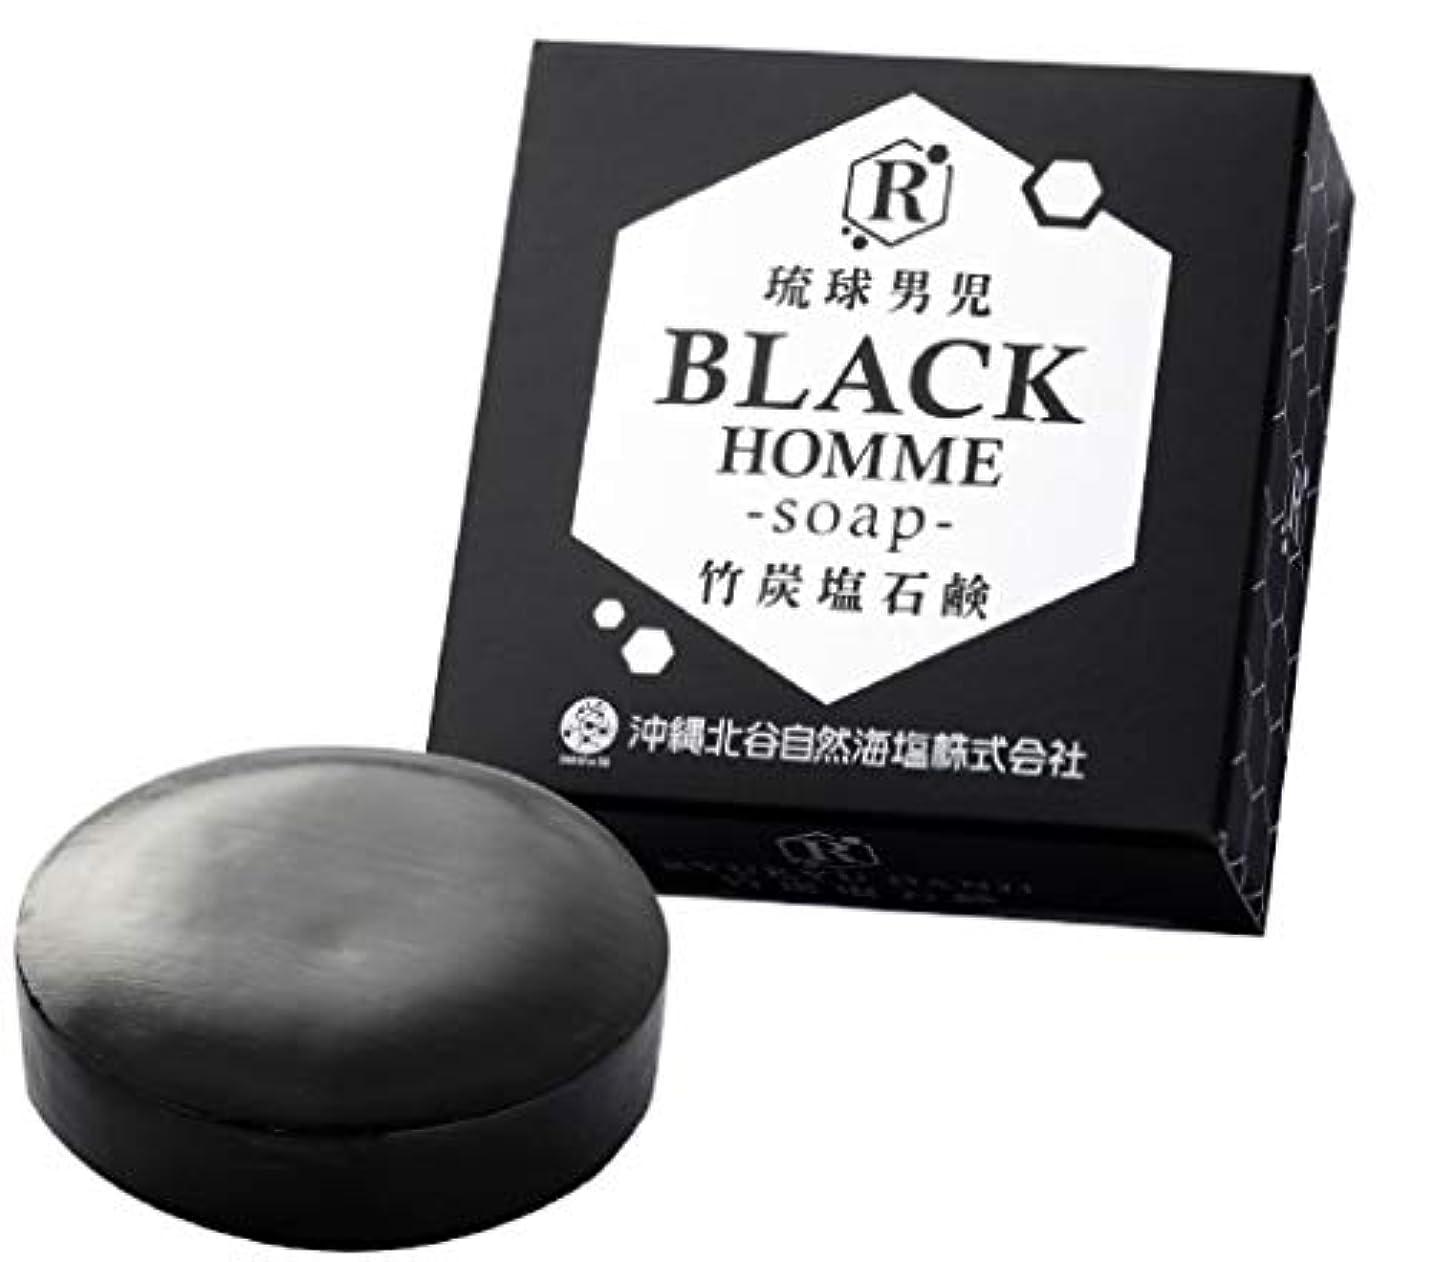 最小どちらか被害者【2個セット】琉球男児 竹炭塩石鹸 BLACK HOMME-soap- 60g 泡立てネット付き